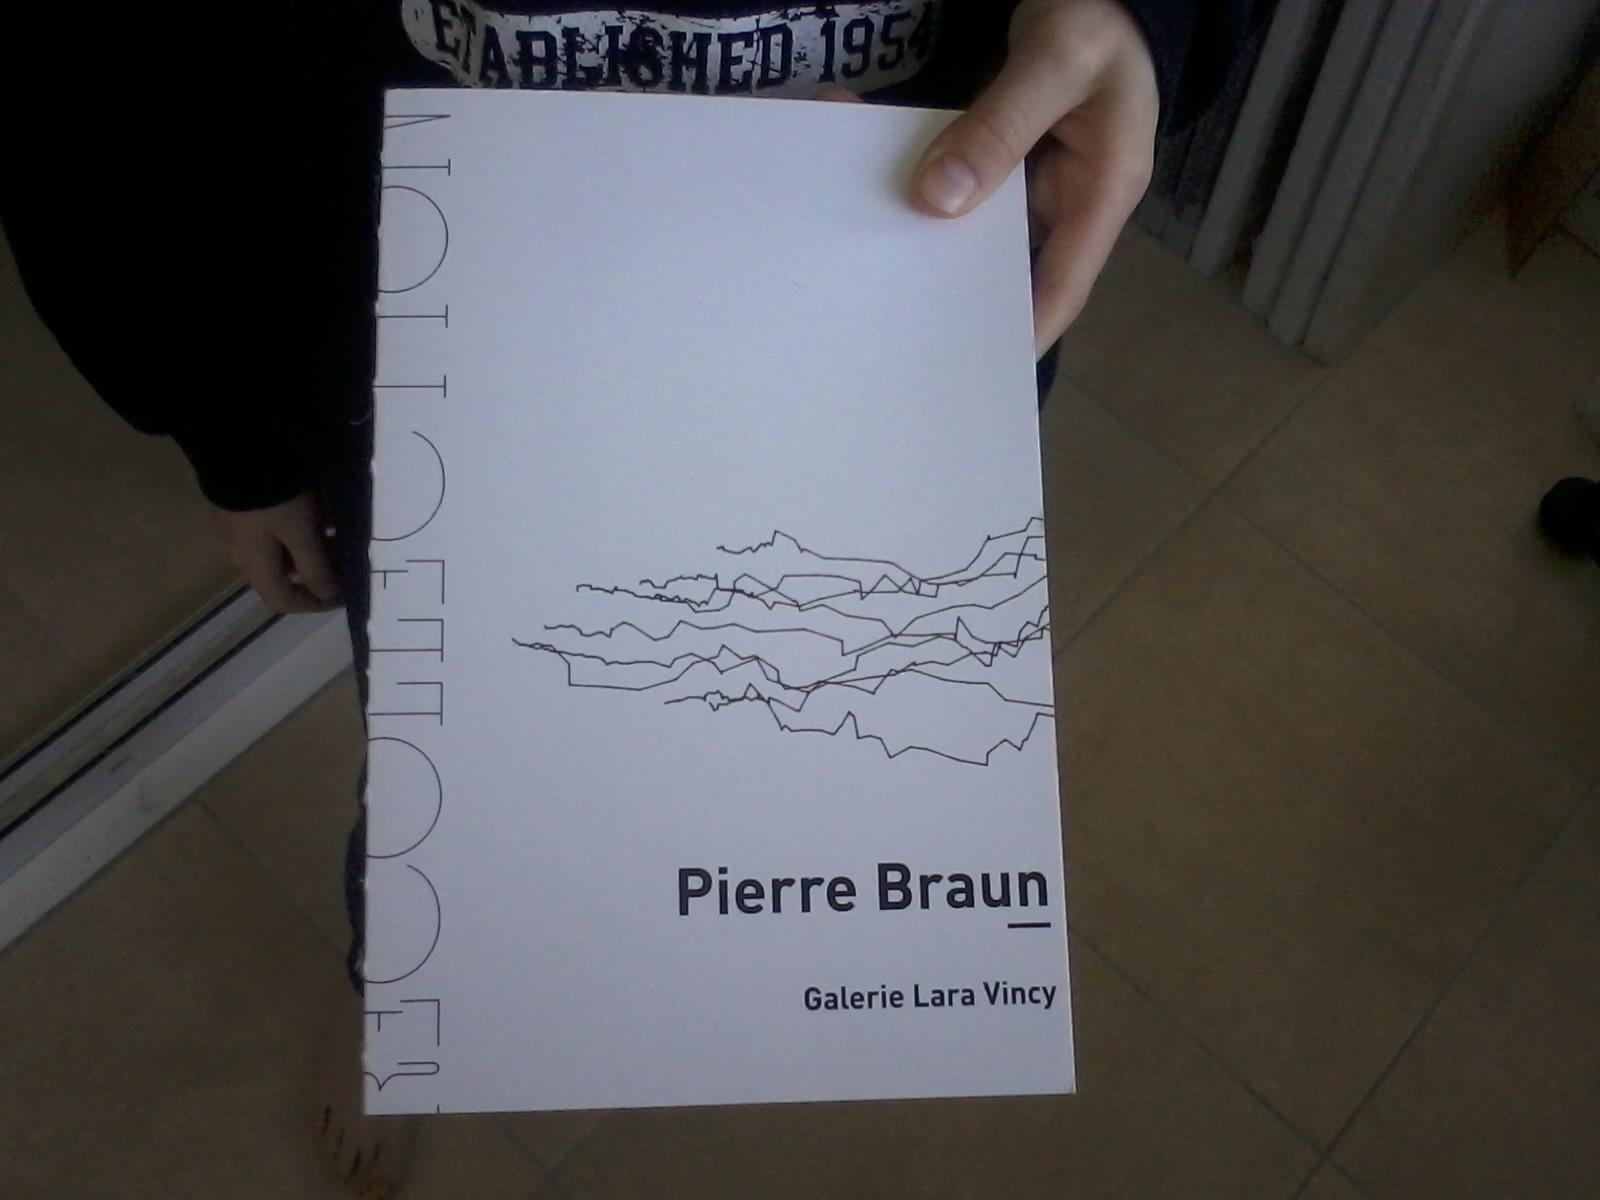 Pierre Braun Recollection. Coédition Galerie Lara Vincy / Présent Composé, isbn 978-2-9522355-6-3